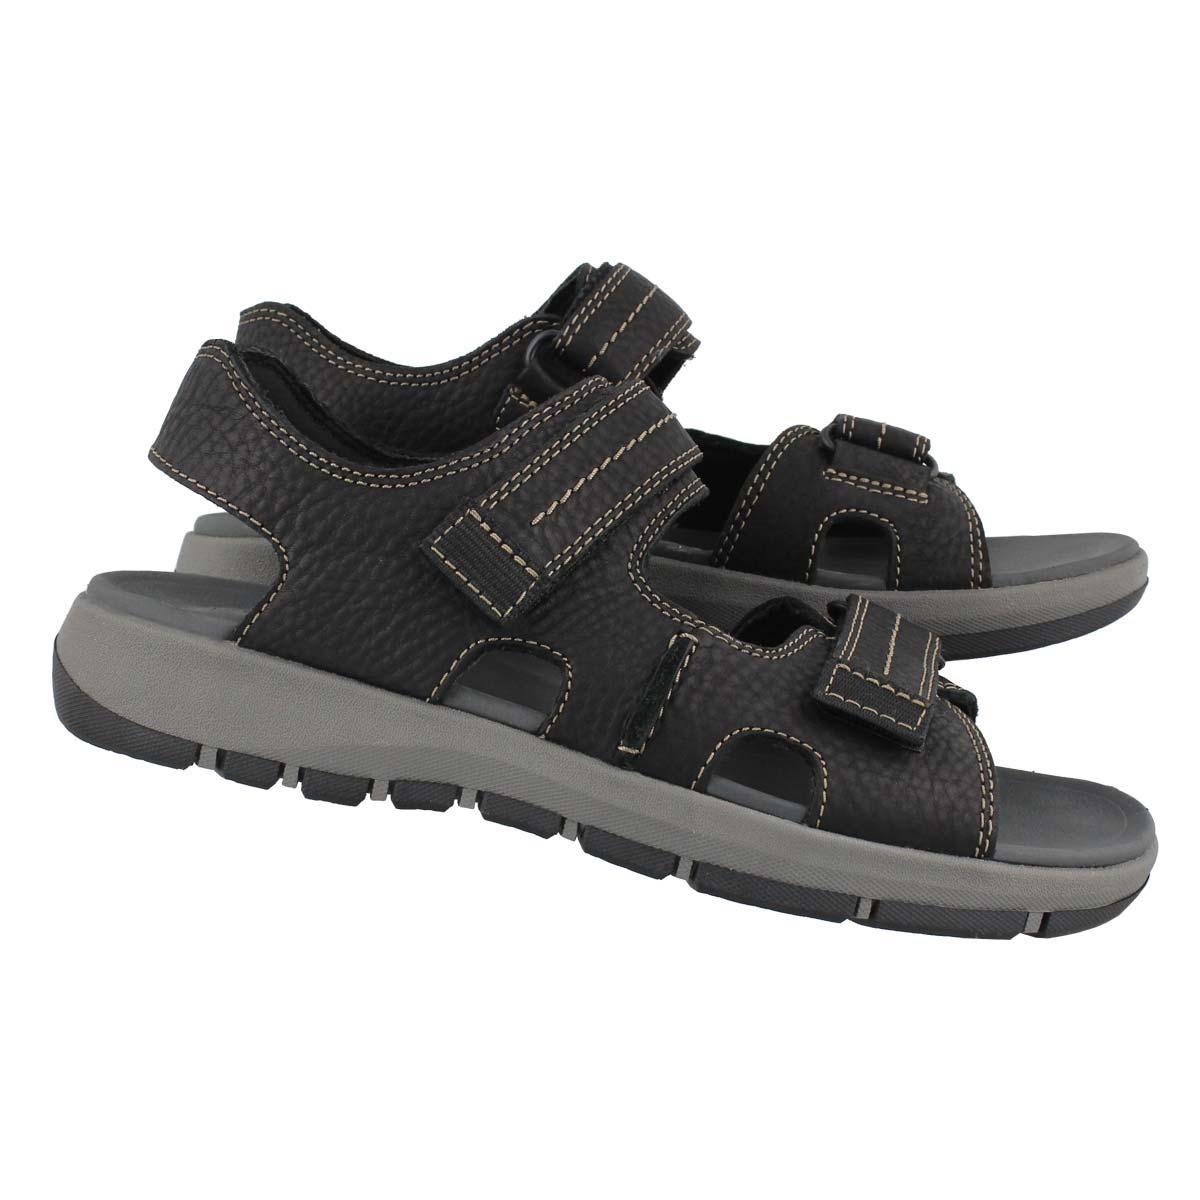 Men's BRIXBY SHORE black casual sandals